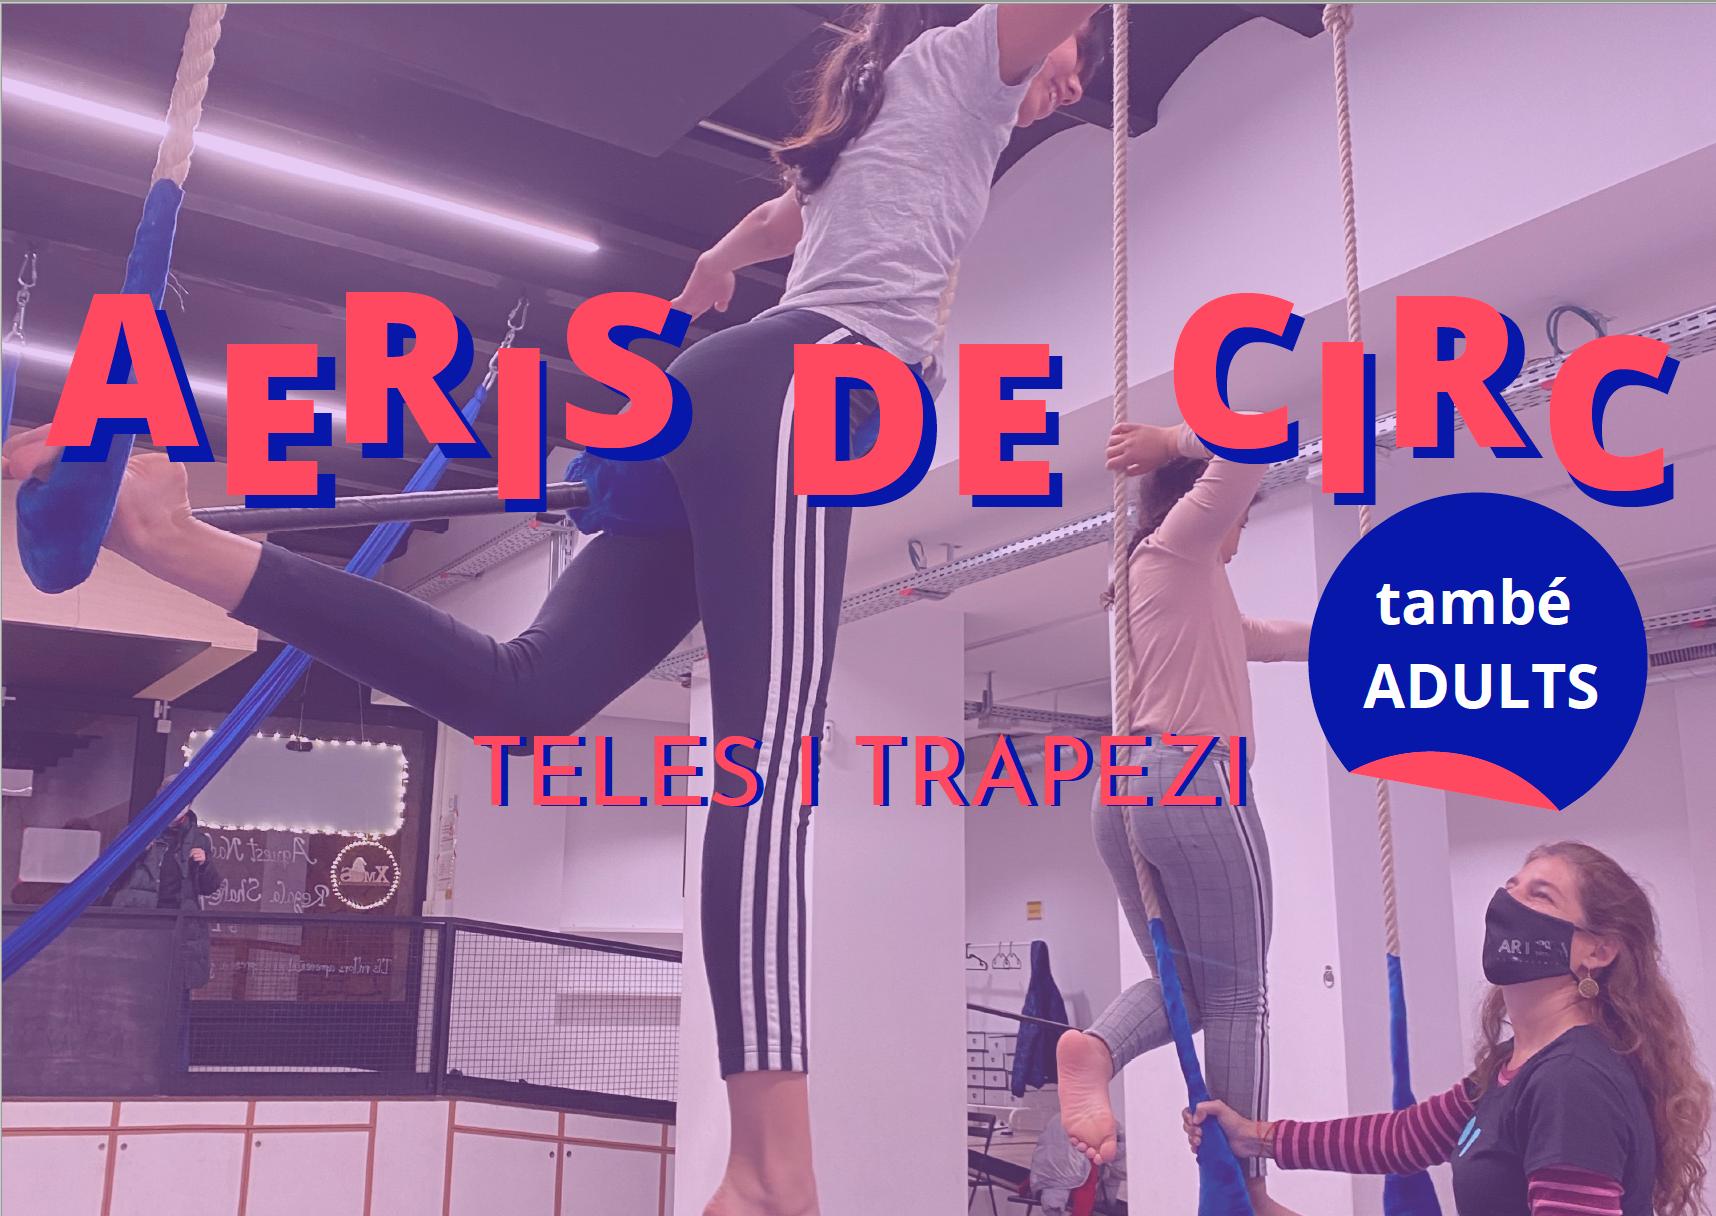 Teles i trapezi